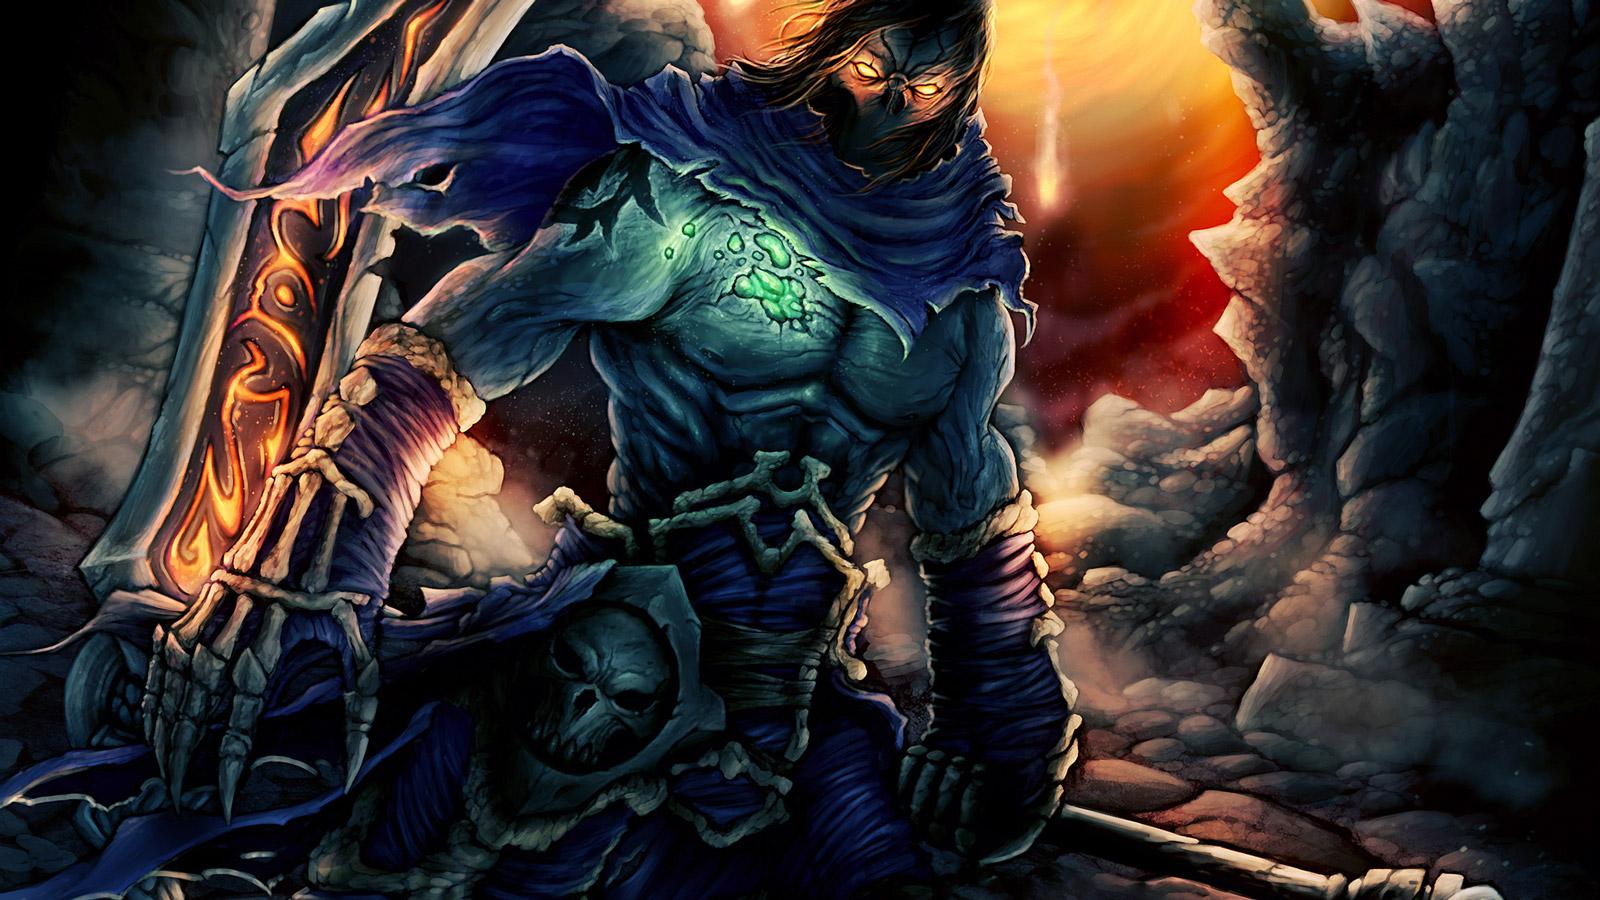 Free Darksiders II Wallpaper in 1600x900